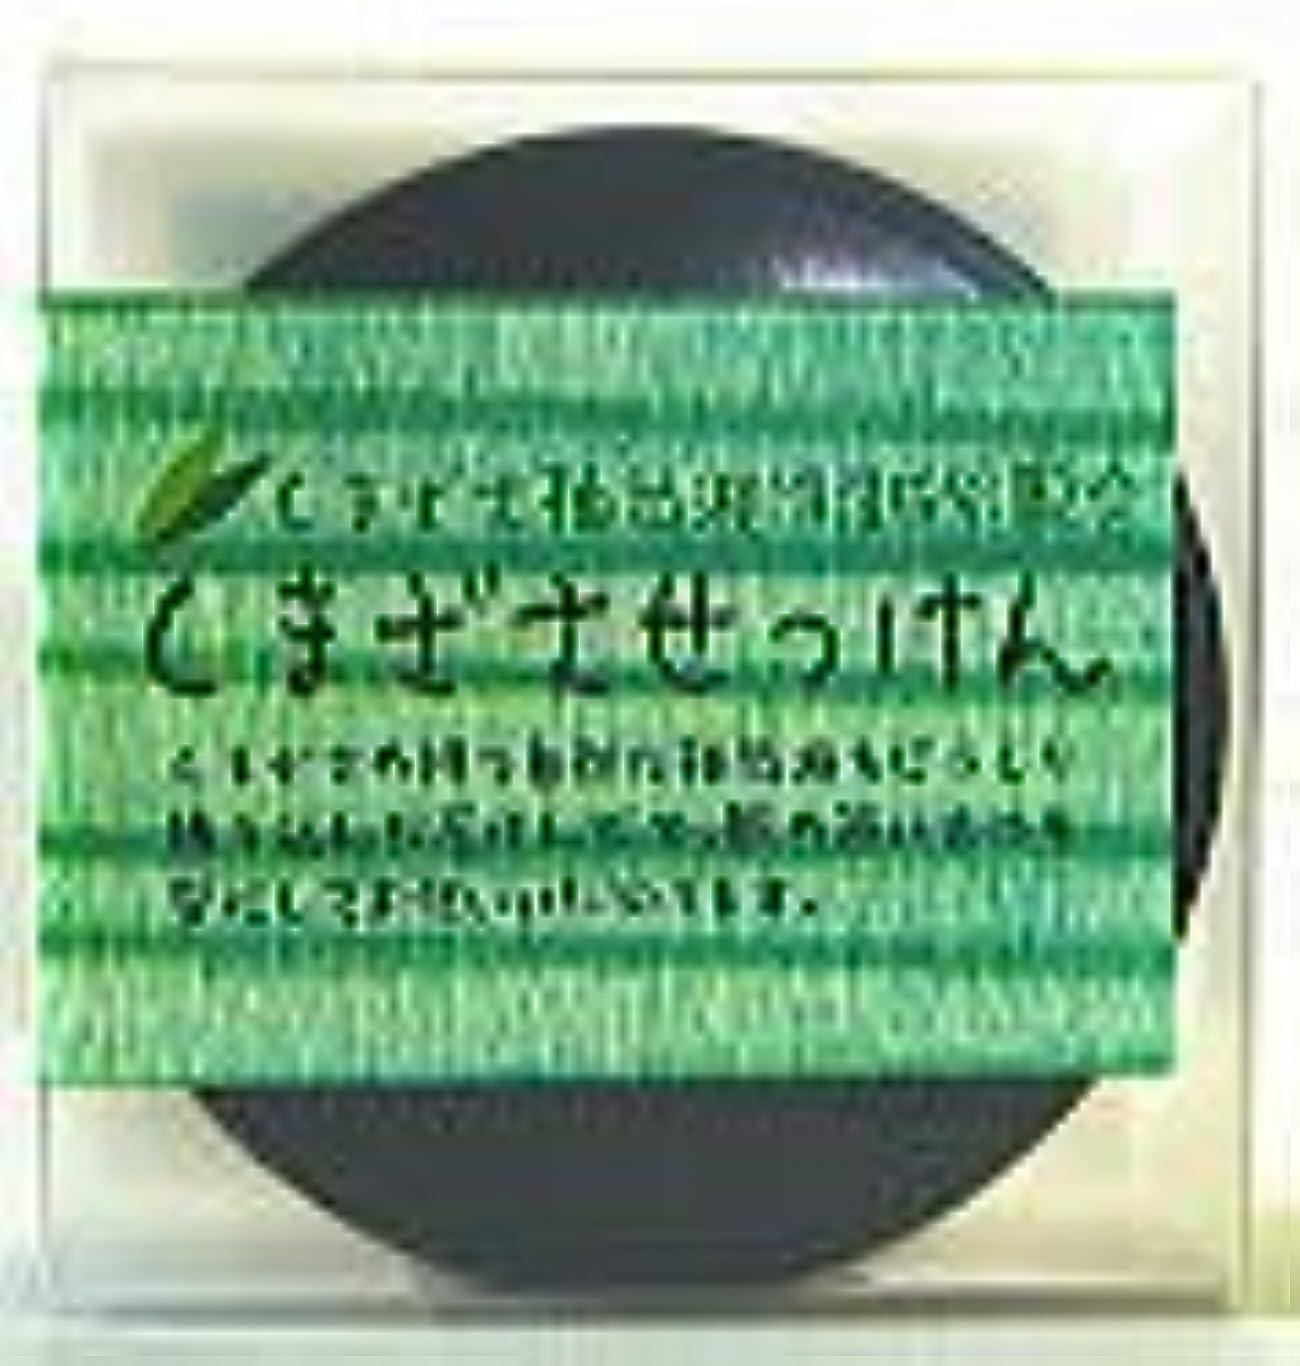 専らわなパンツサンクロン クマザサ石鹸 100g